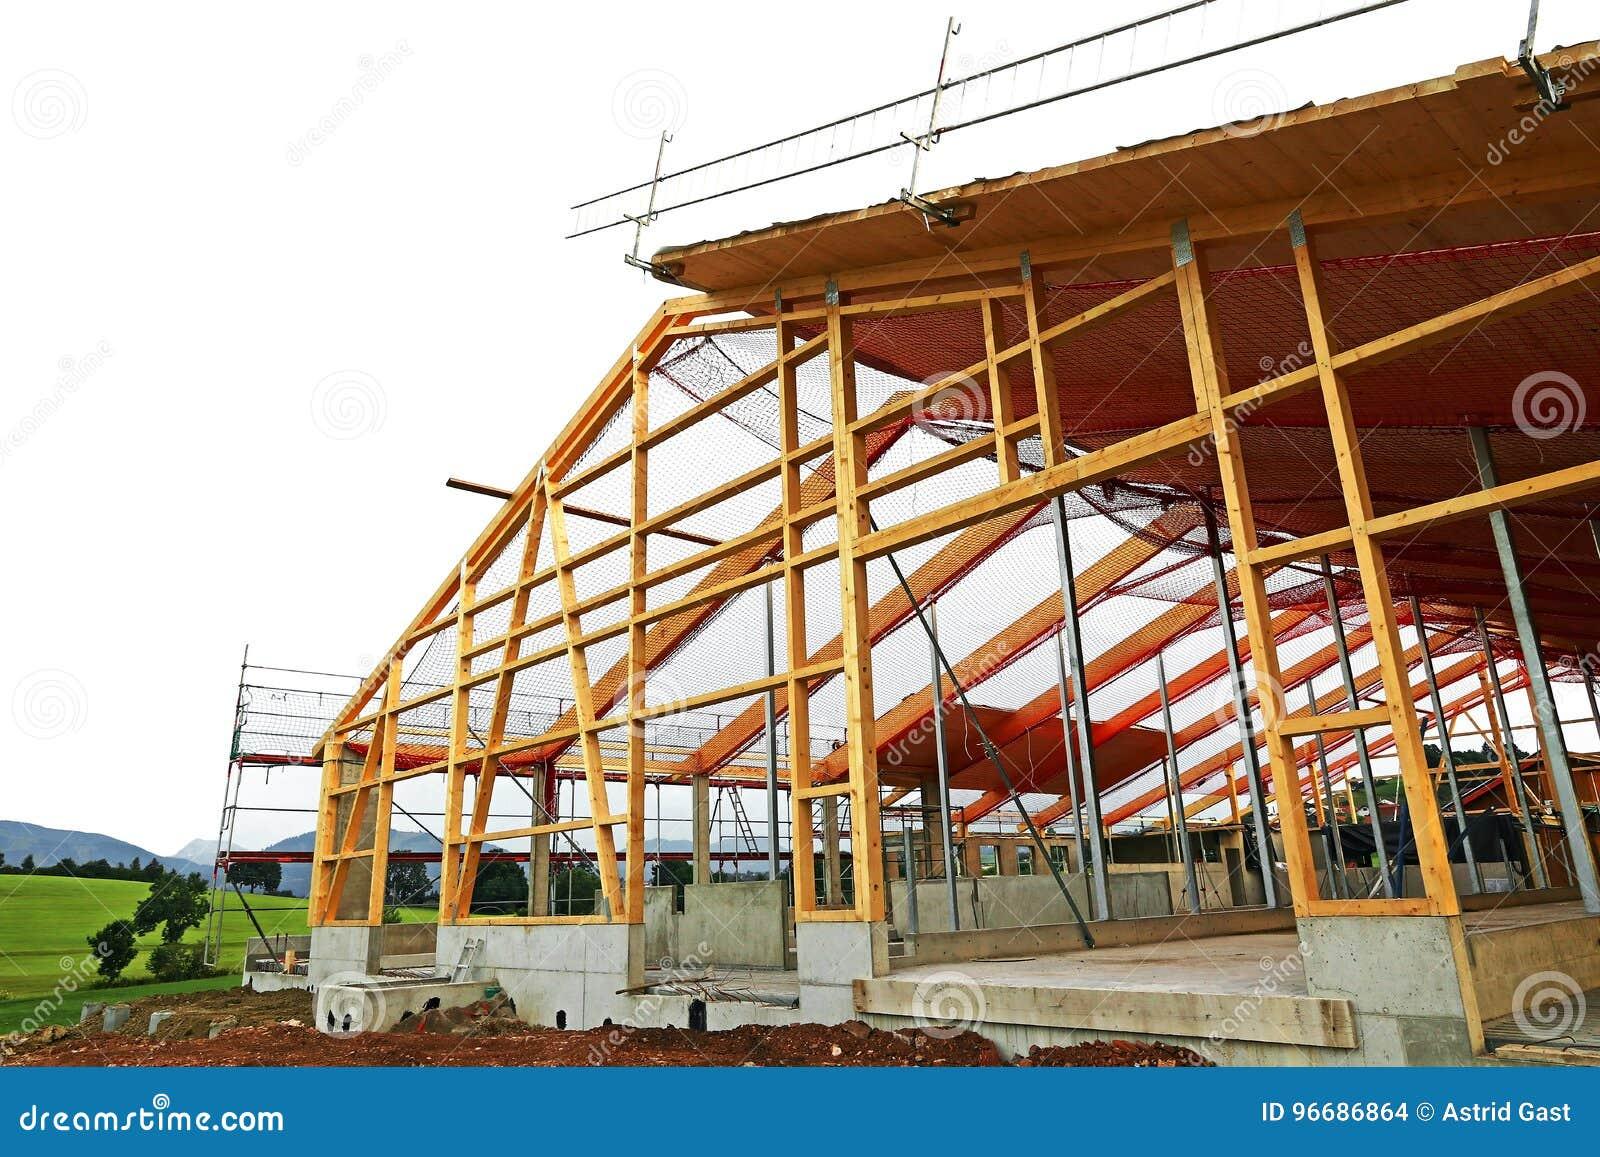 Der Neubau Eines Bauholzhauses Mit Dachrahmen Stockfoto - Bild von ...